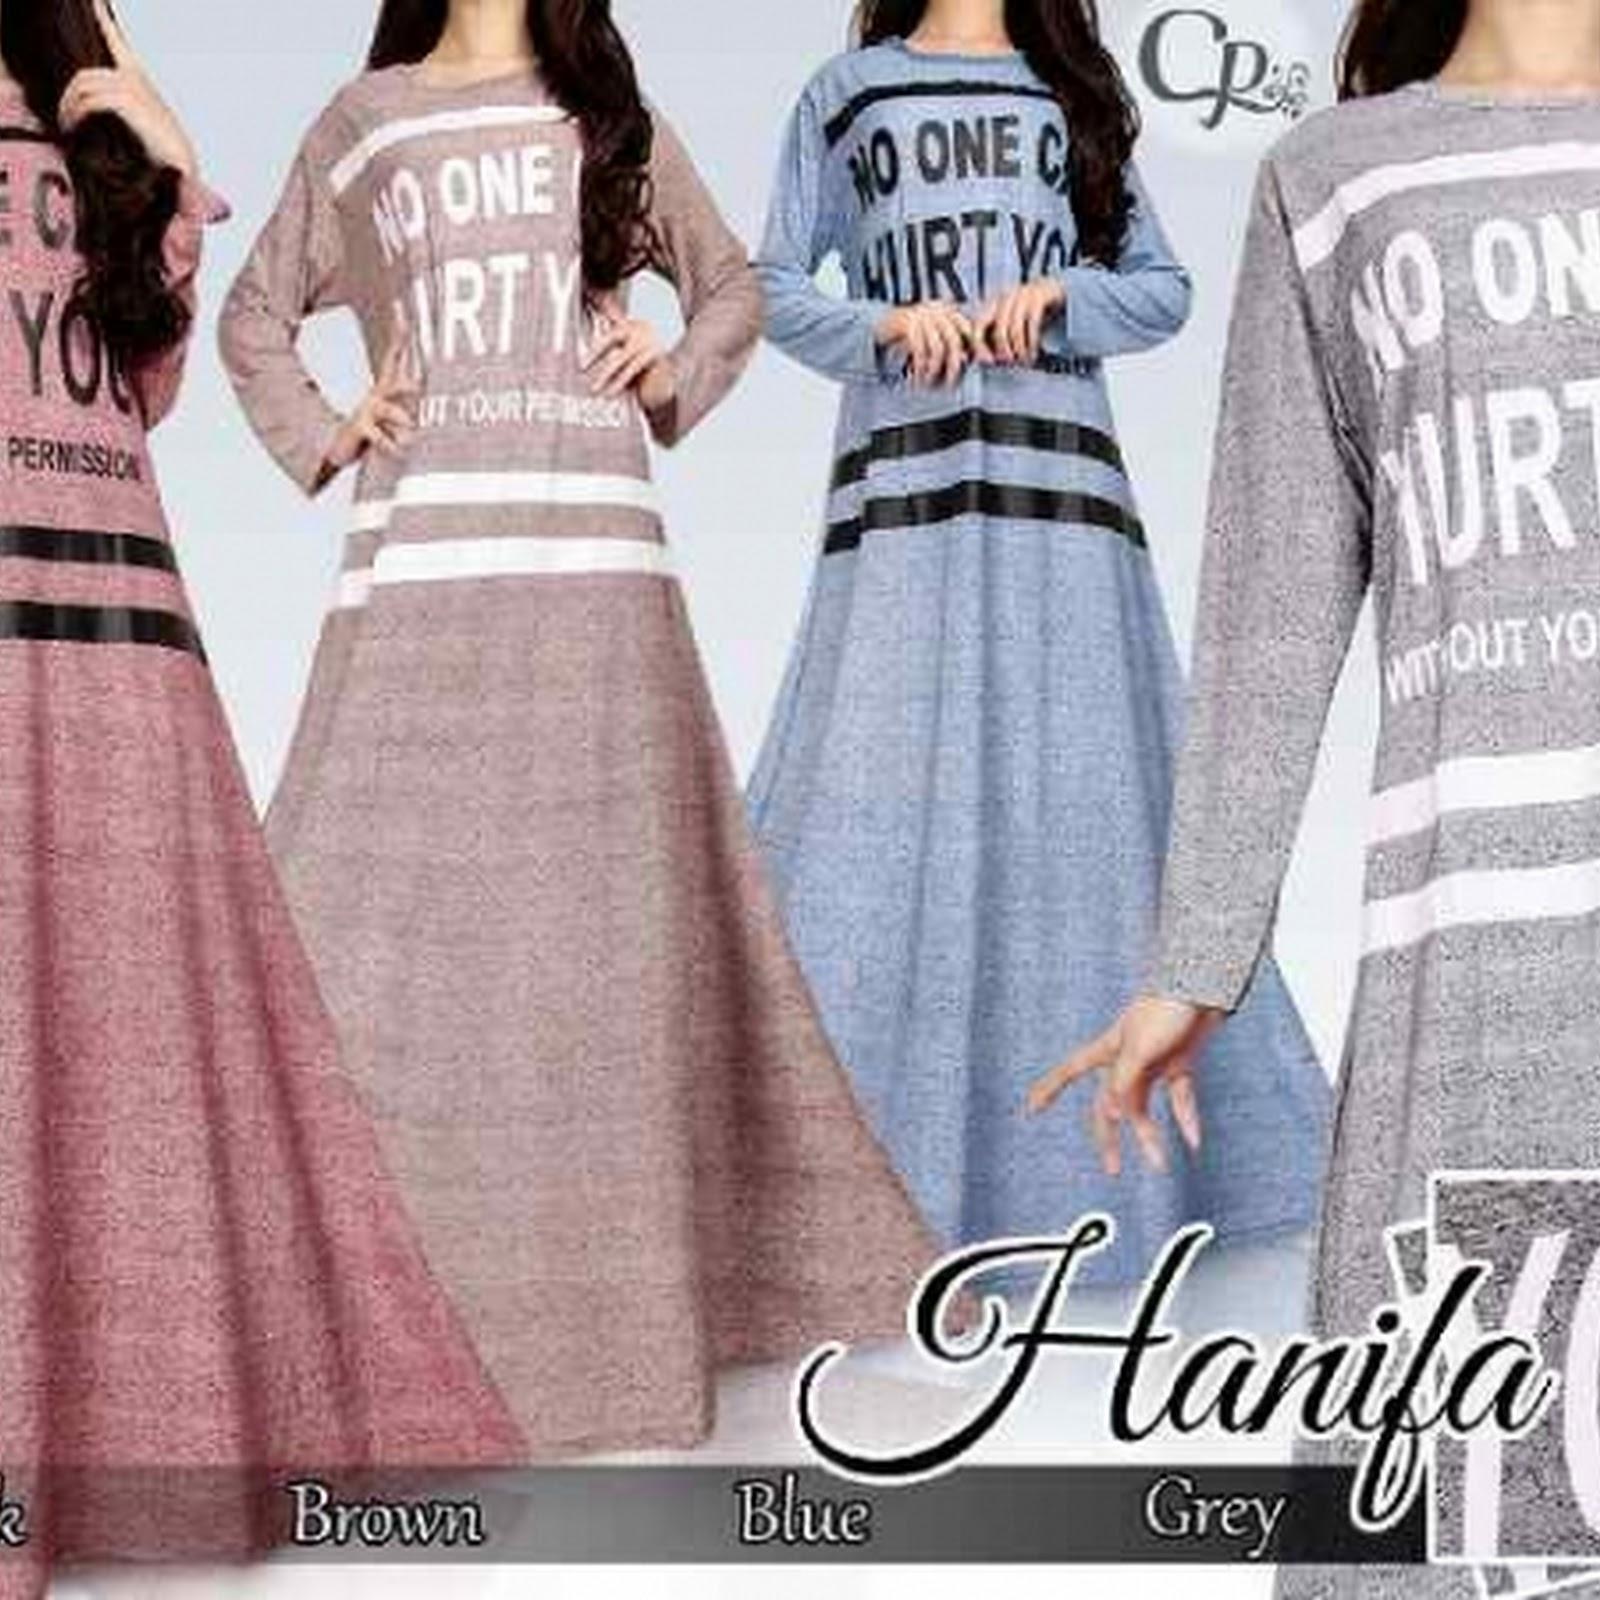 Baju Kaos Wanita Model Gamis Ukuran Besar Murah Bj3030 2640ca142d